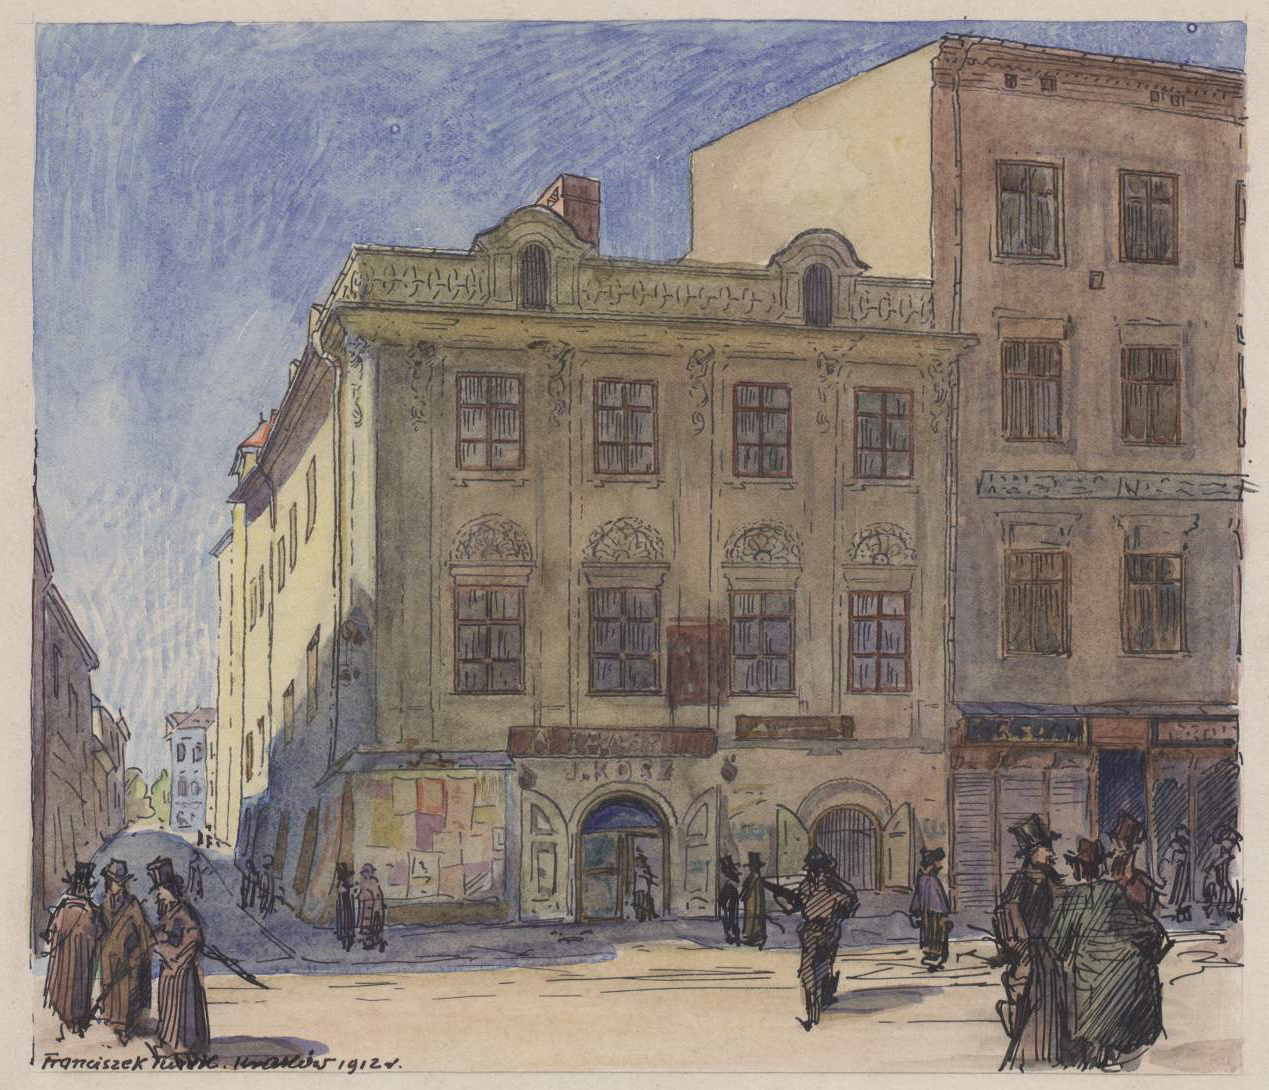 Kolorowy rysunek przedstawiający elewację frontową kamienicy przy ul.Grodzkiej 37, napierwszym planie przechodzący ludzie